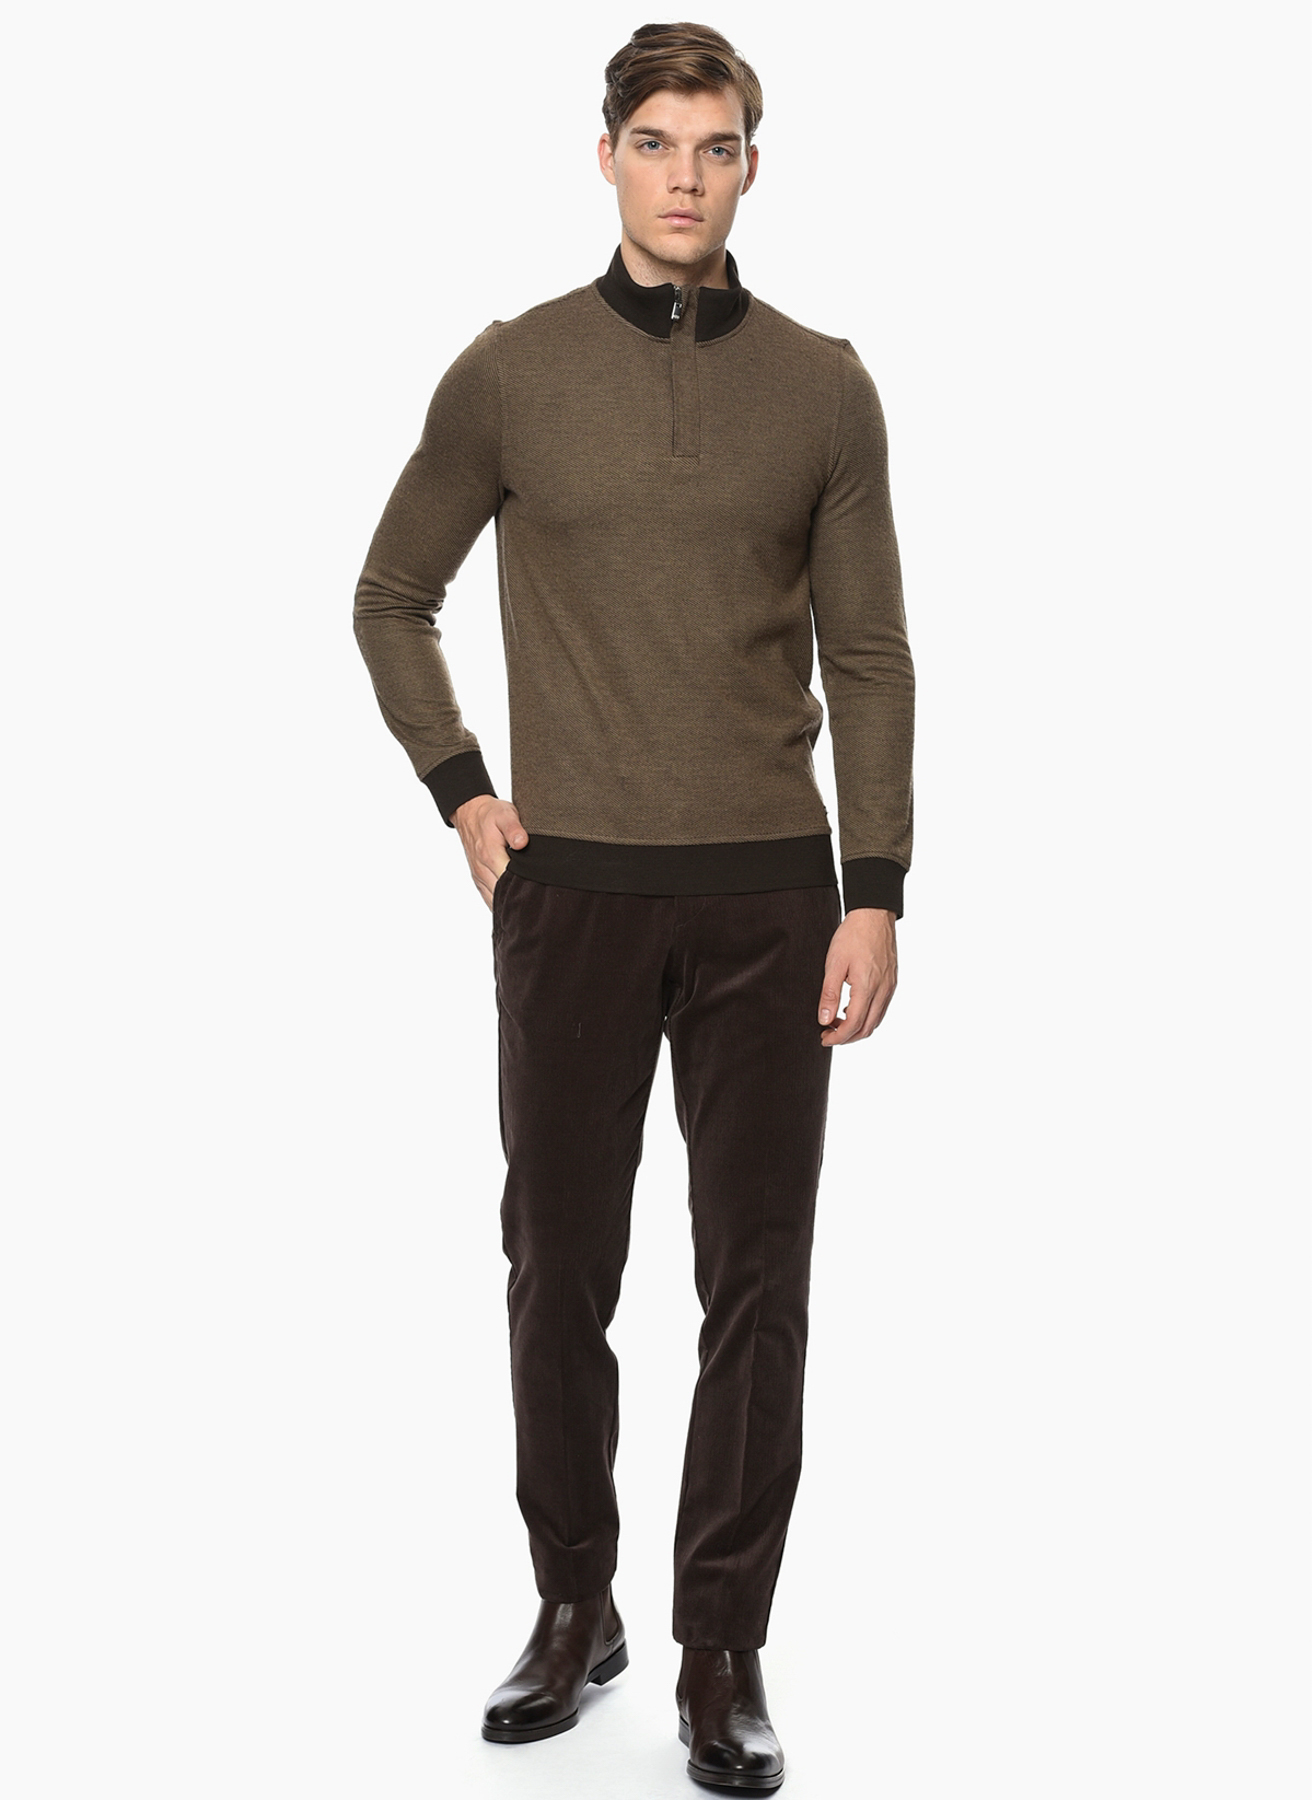 George Hogg Kadife Kahverengi Klasik Pantolon 50-6 5001699443003 Ürün Resmi